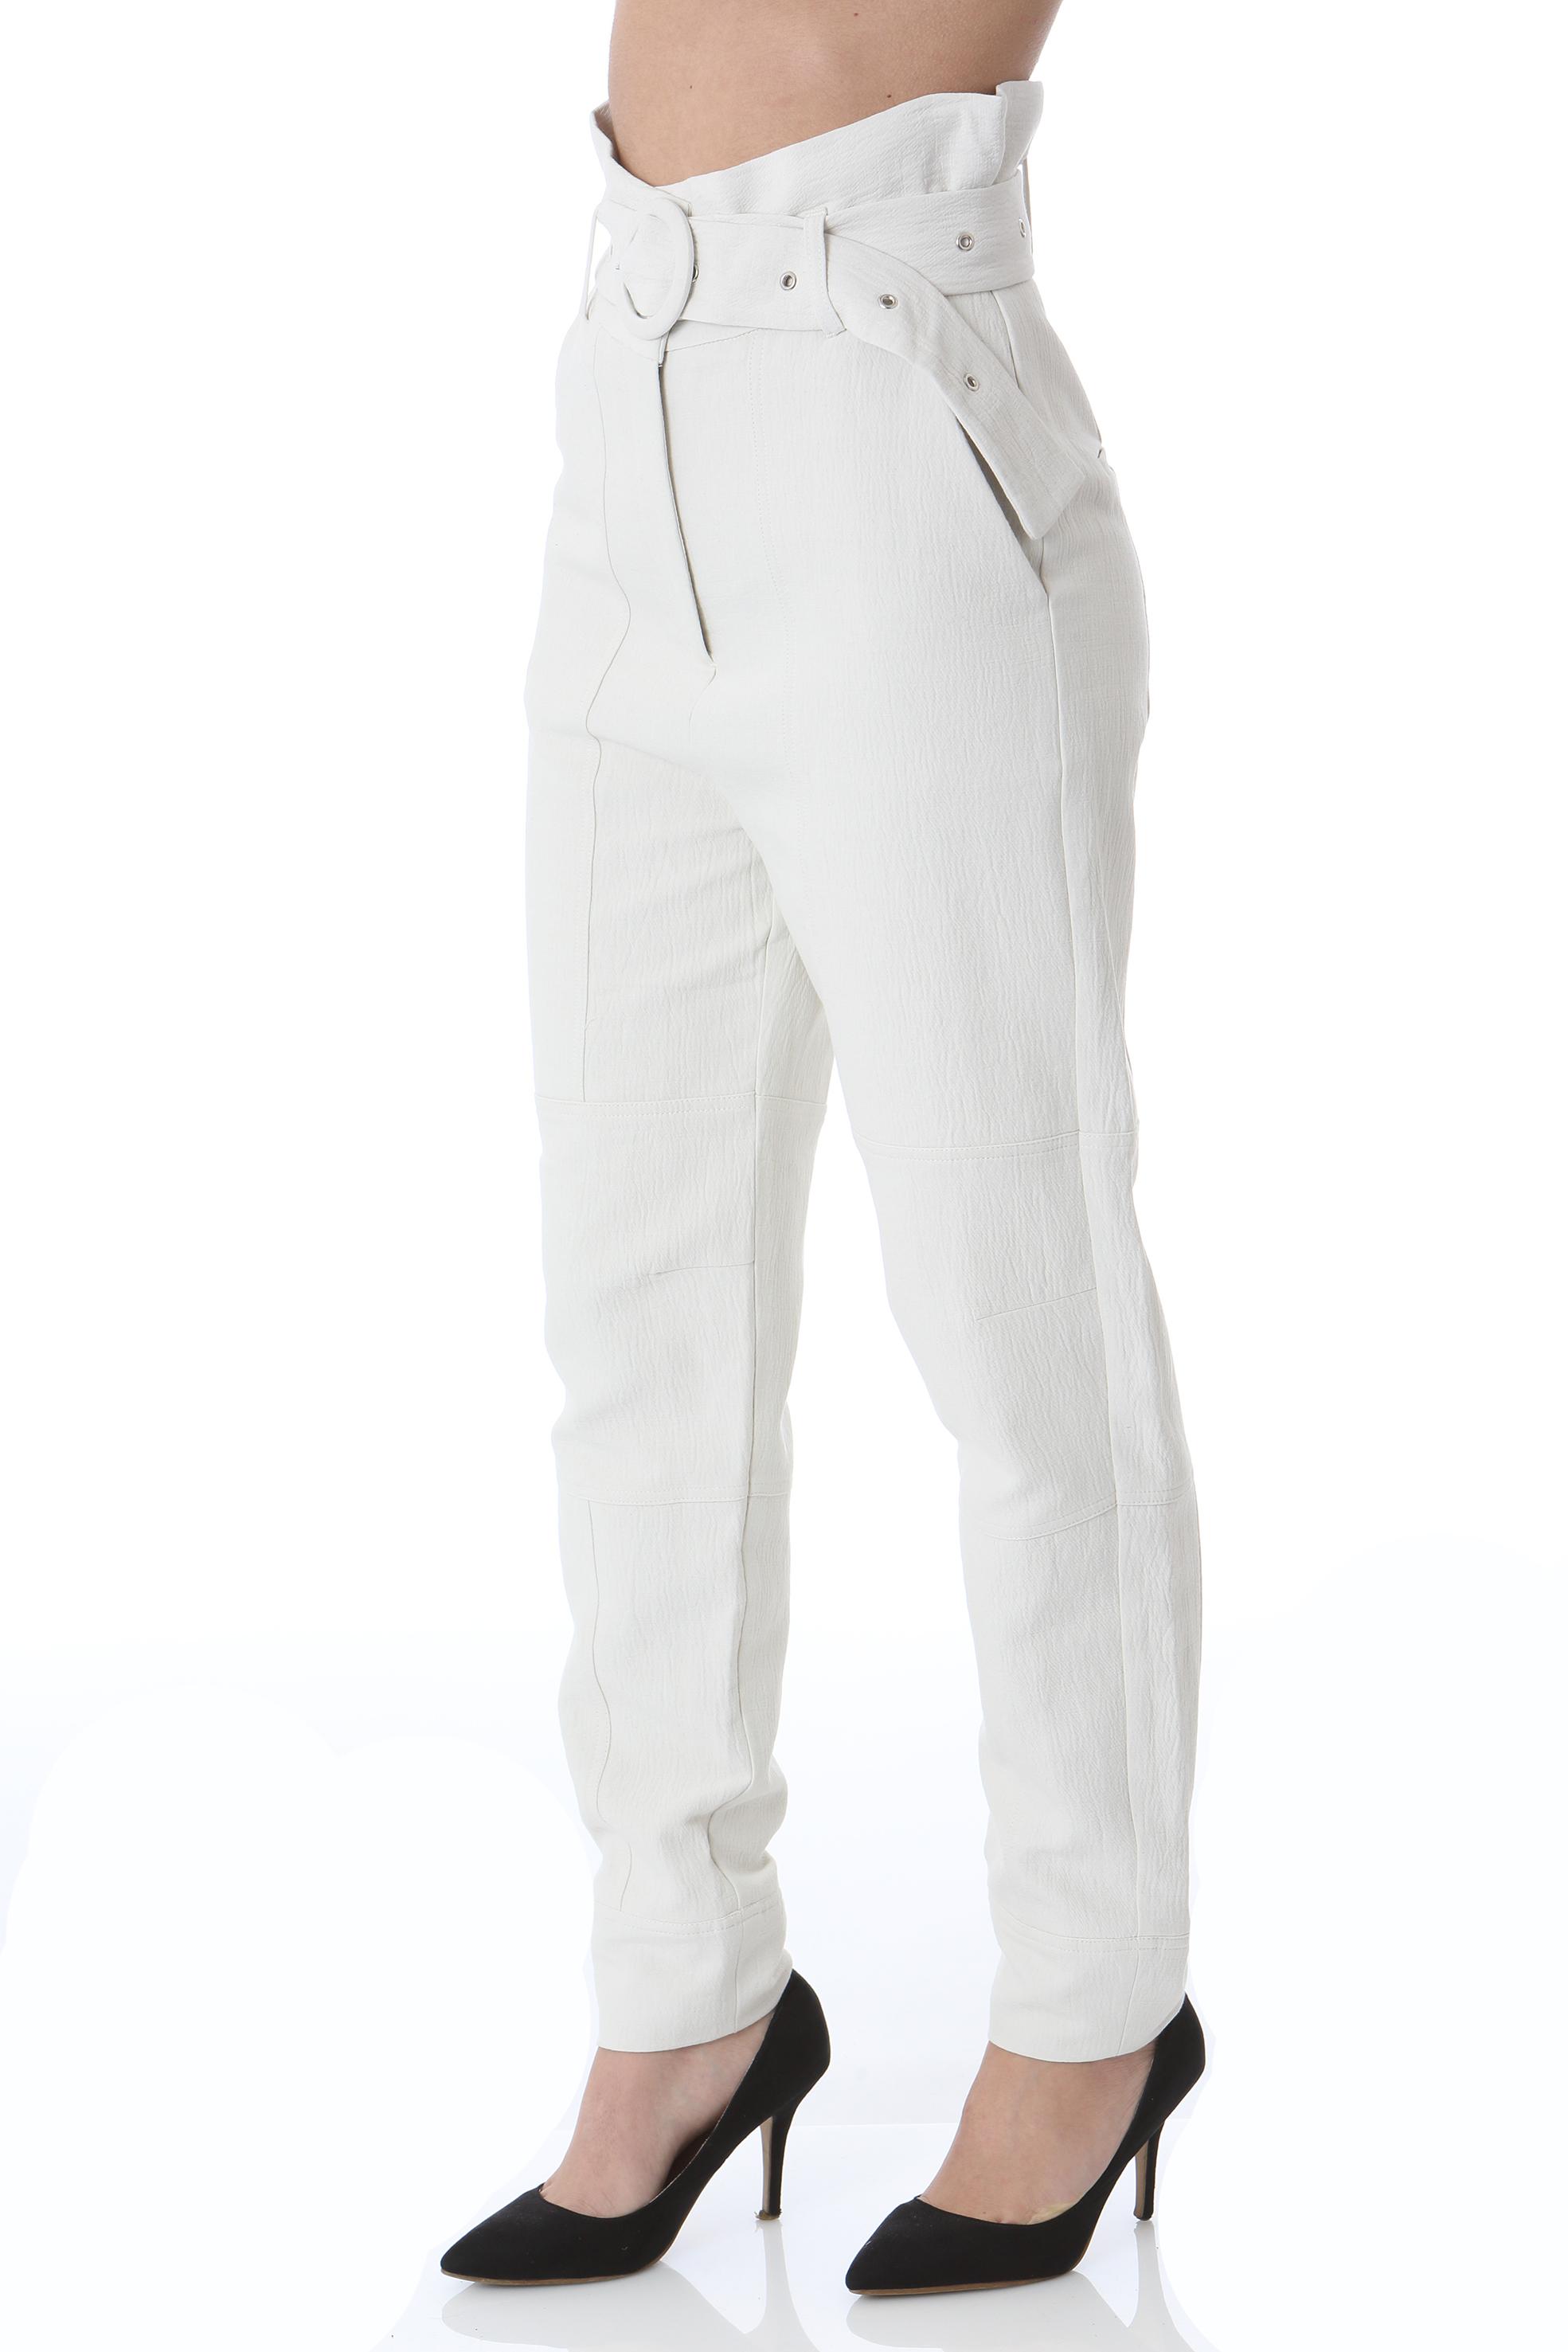 Pantalone donna vita alta con cintura LES COYOTES DE PARIS | Pantaloni | NADUA-214-30-048118